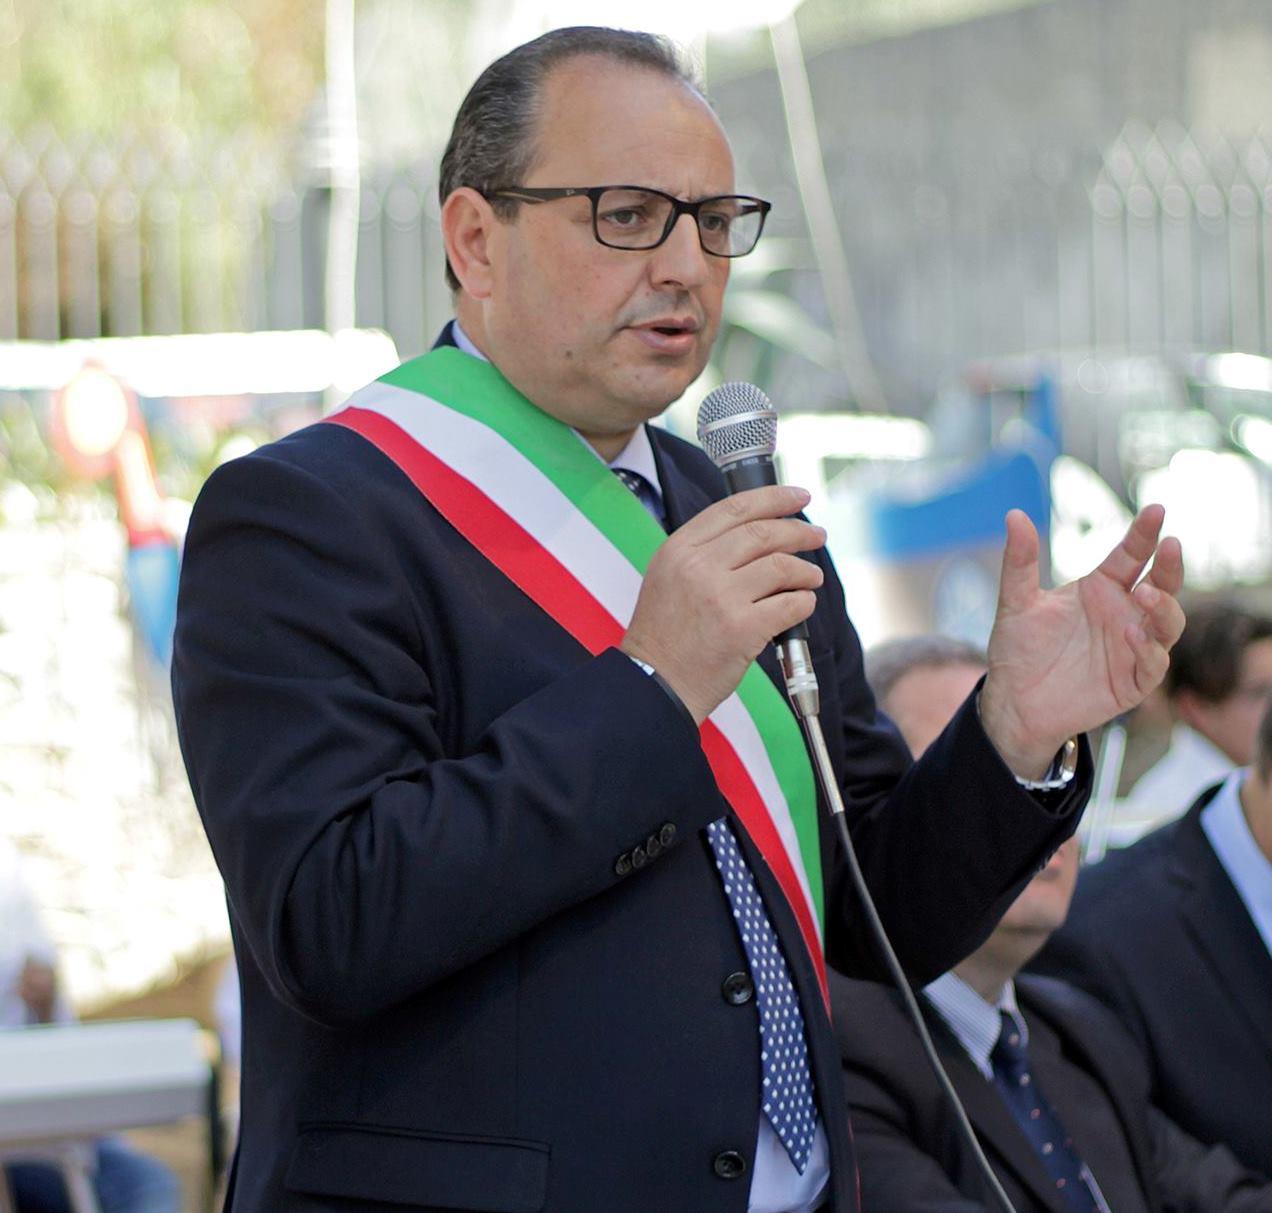 Stanziola vice presidente provincia